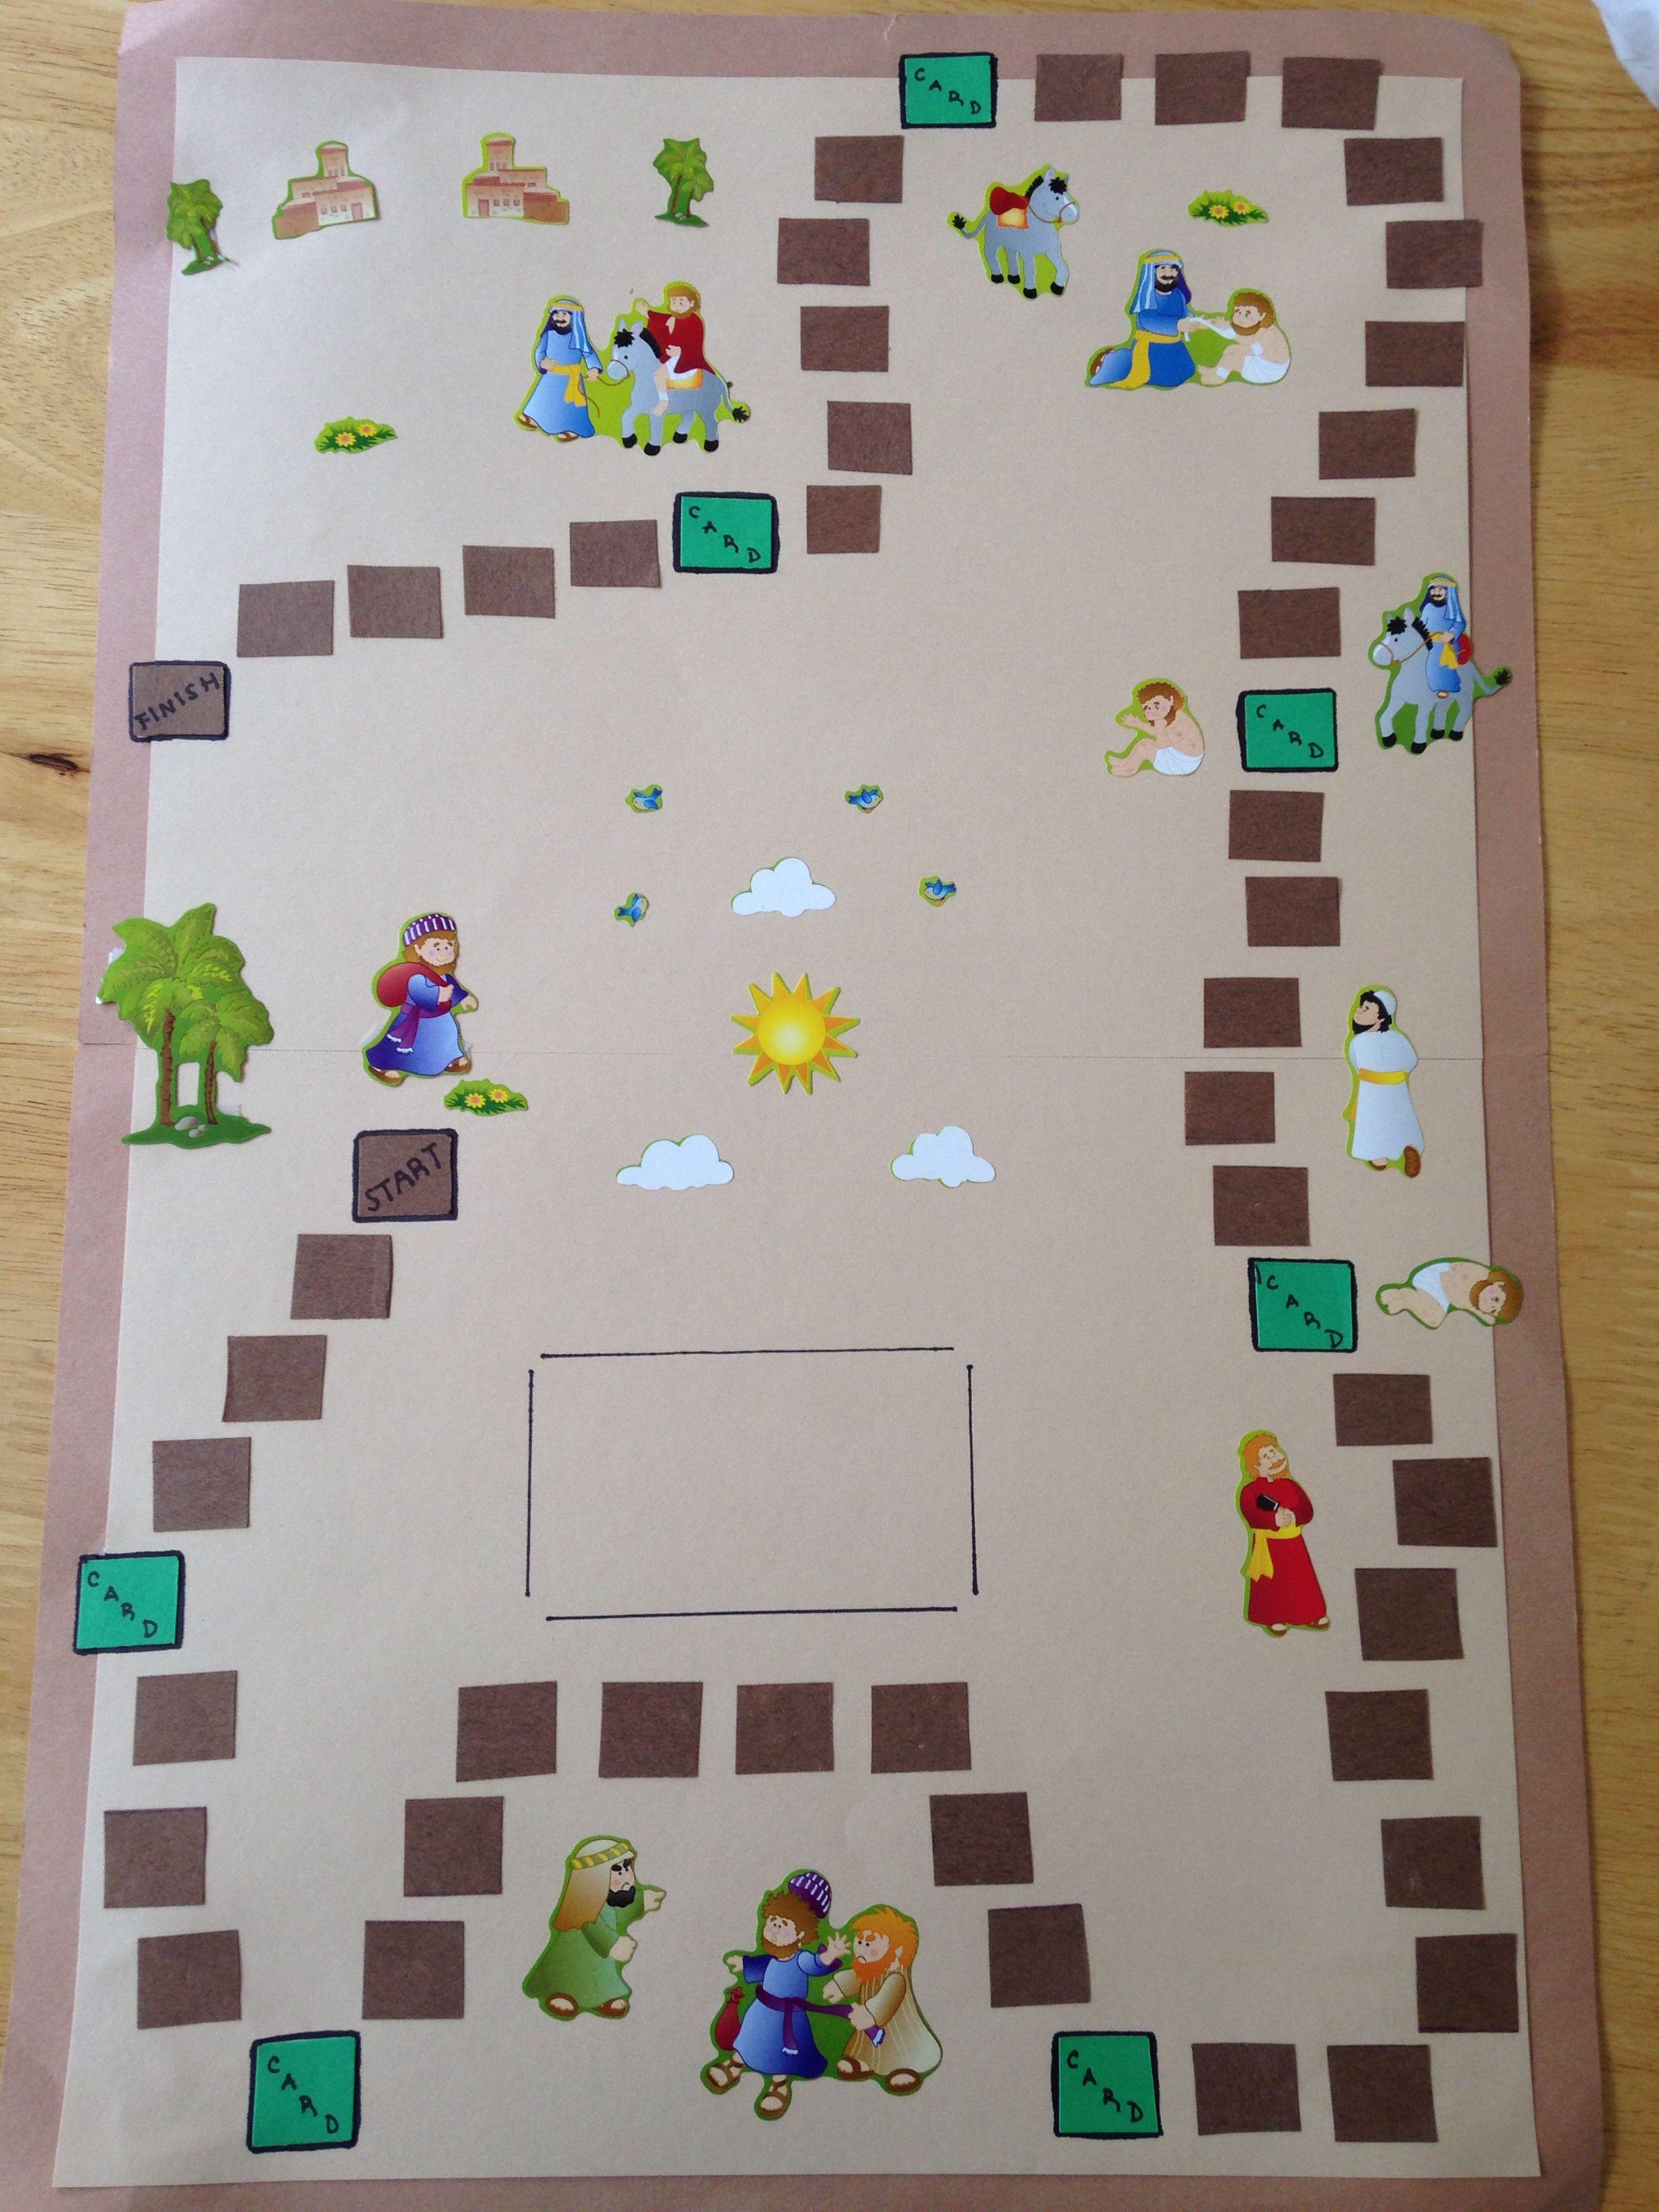 The Good Samaritan Board Game